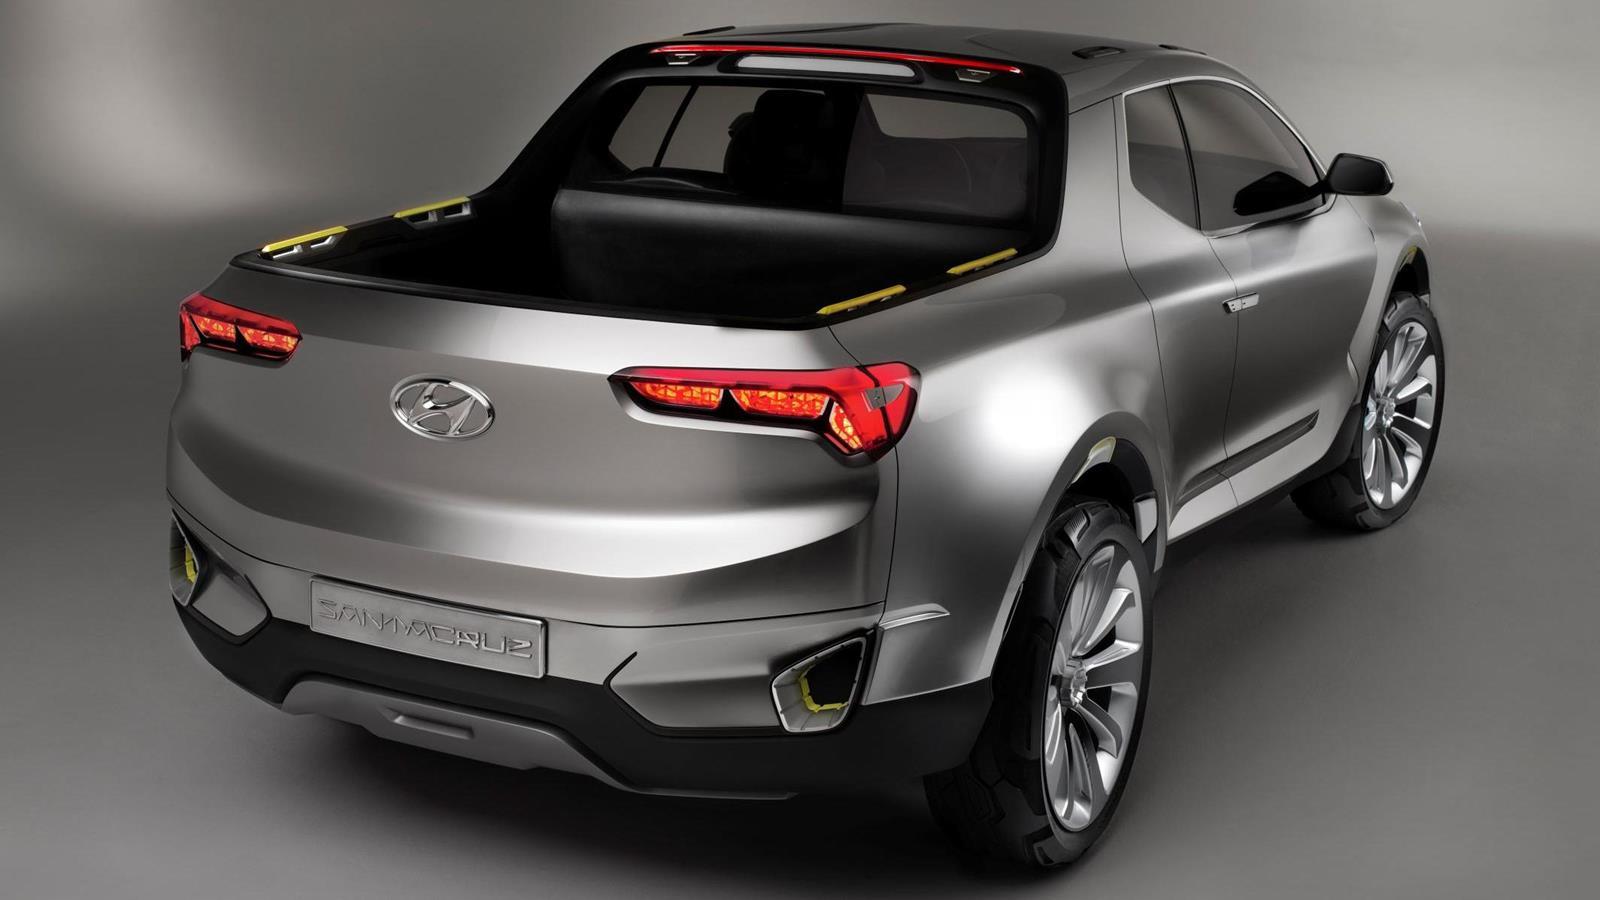 The Hyundai Santa Fe pickup is nearing production